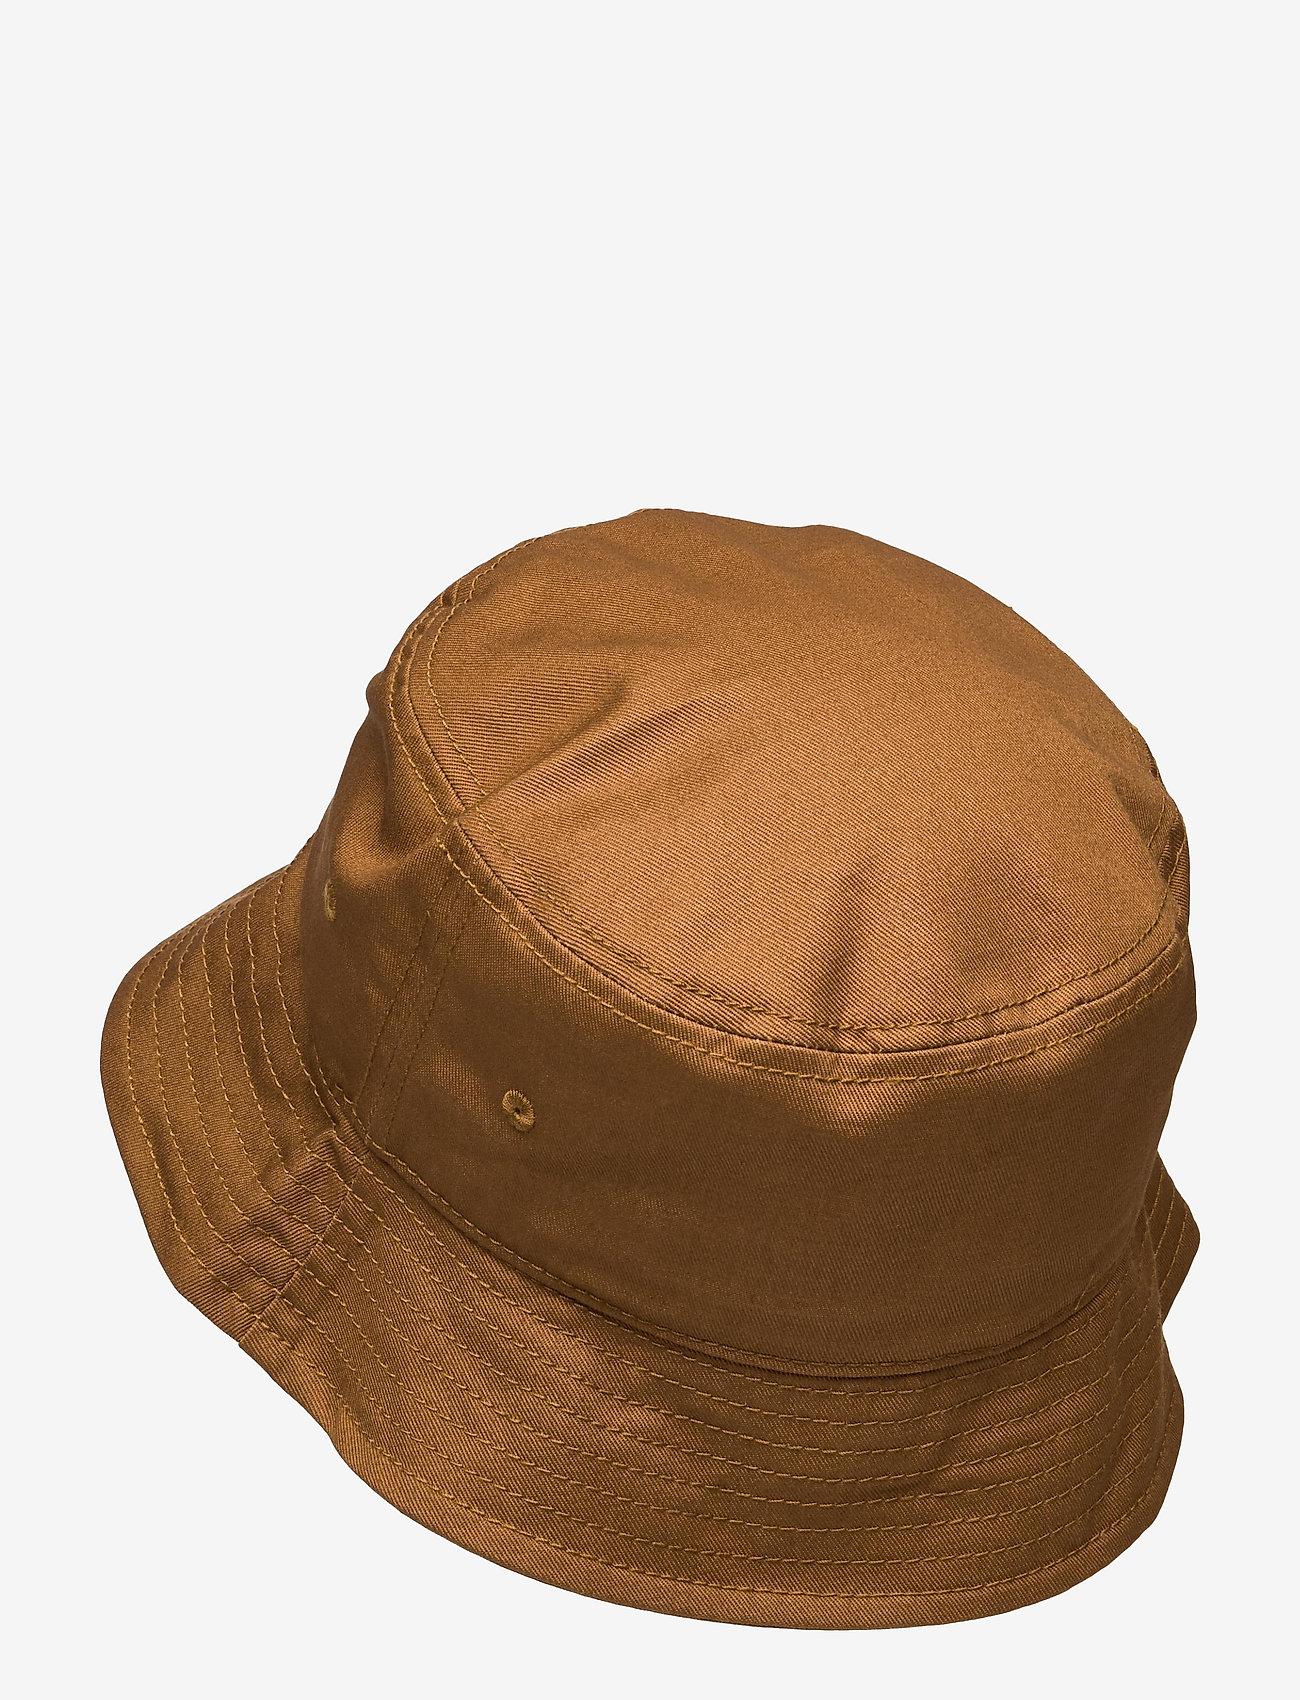 Dickies - CLARKS GROVE - bucket hats - brown duck - 1